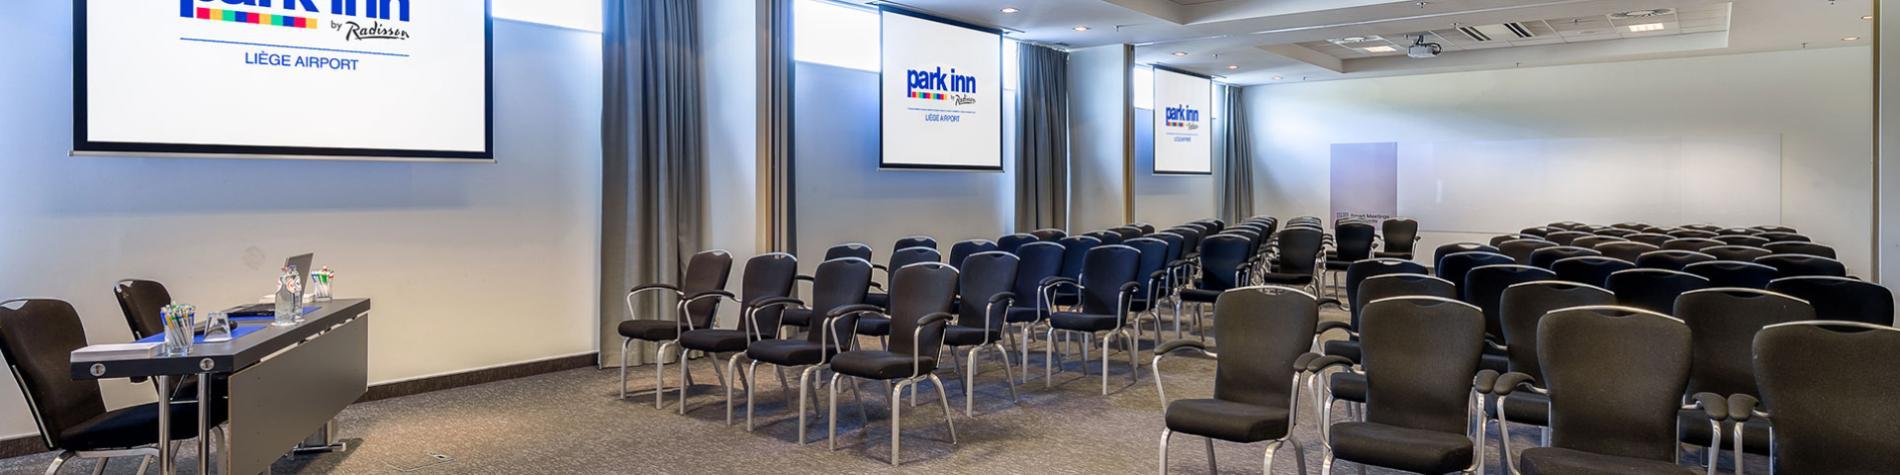 Park Inn - Liège - Airport - terminal - 100 chambres - 8 salles de réunion